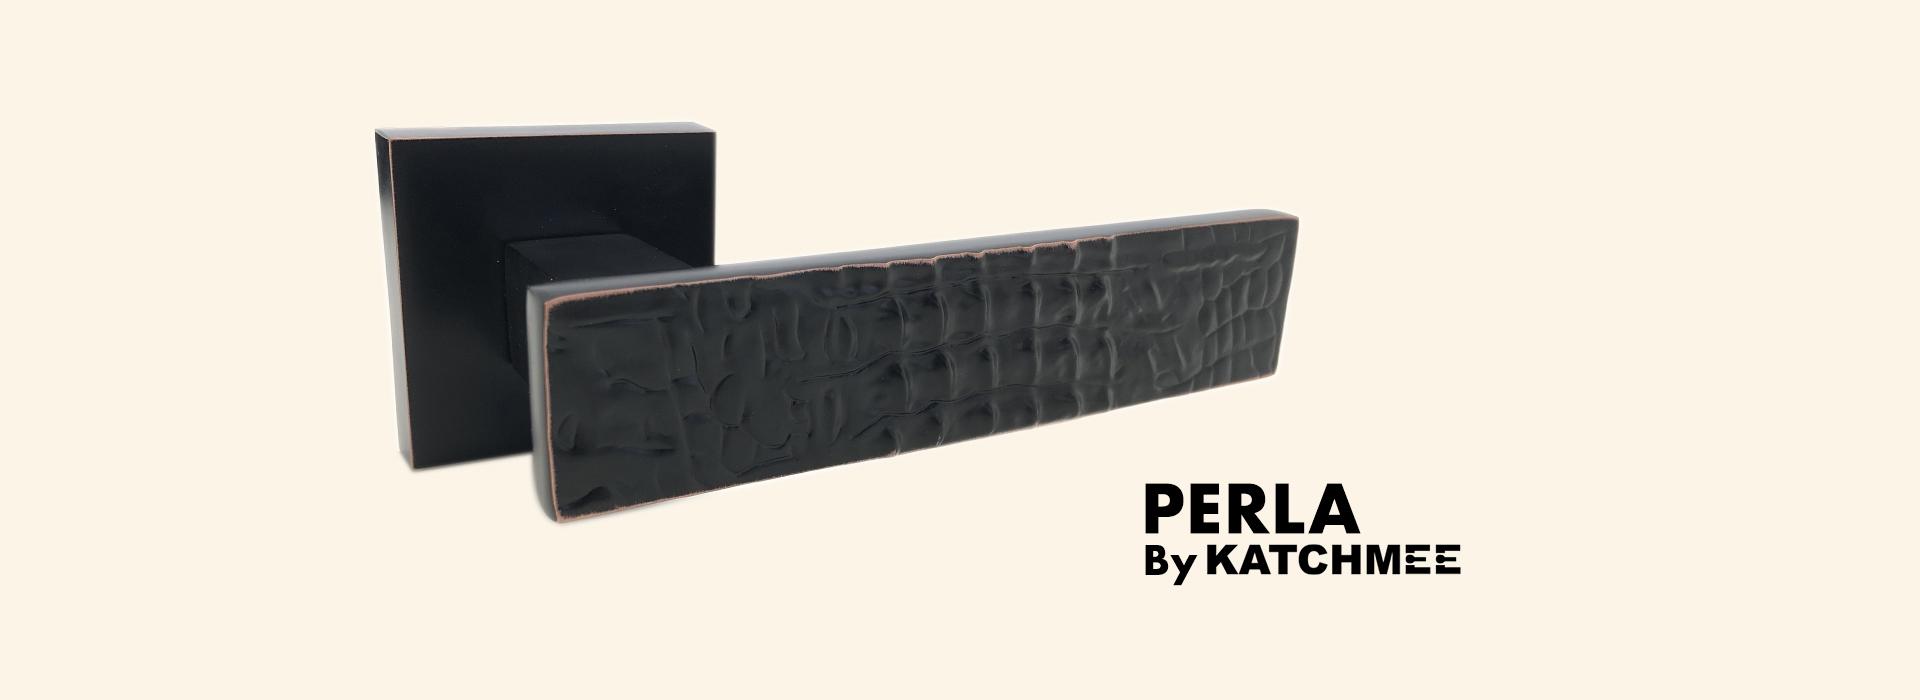 poignee-design-perla-slide-1